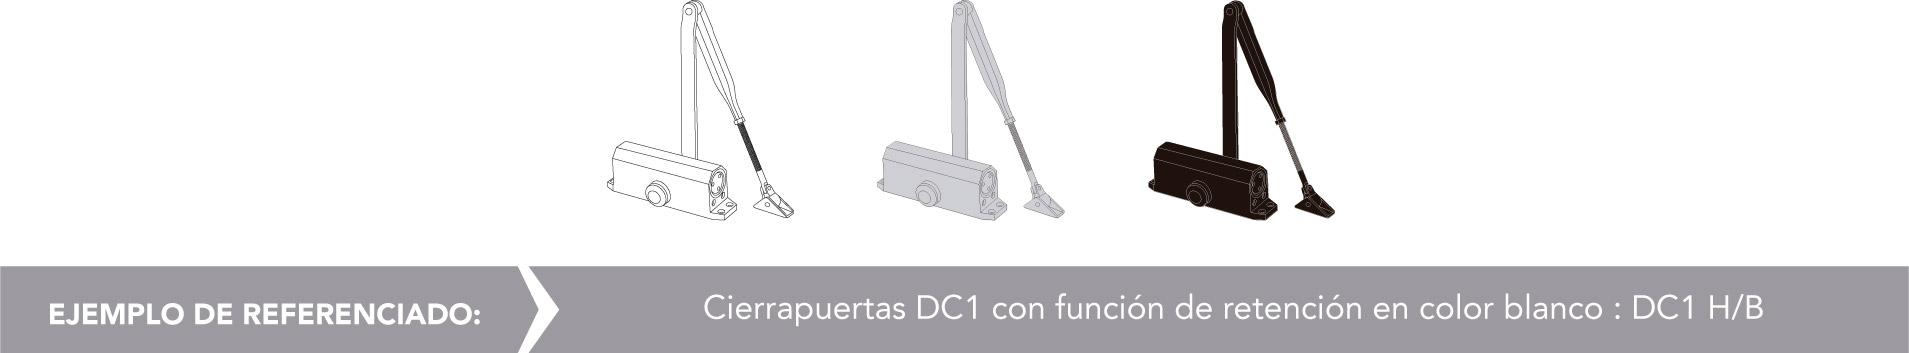 DC1_pie